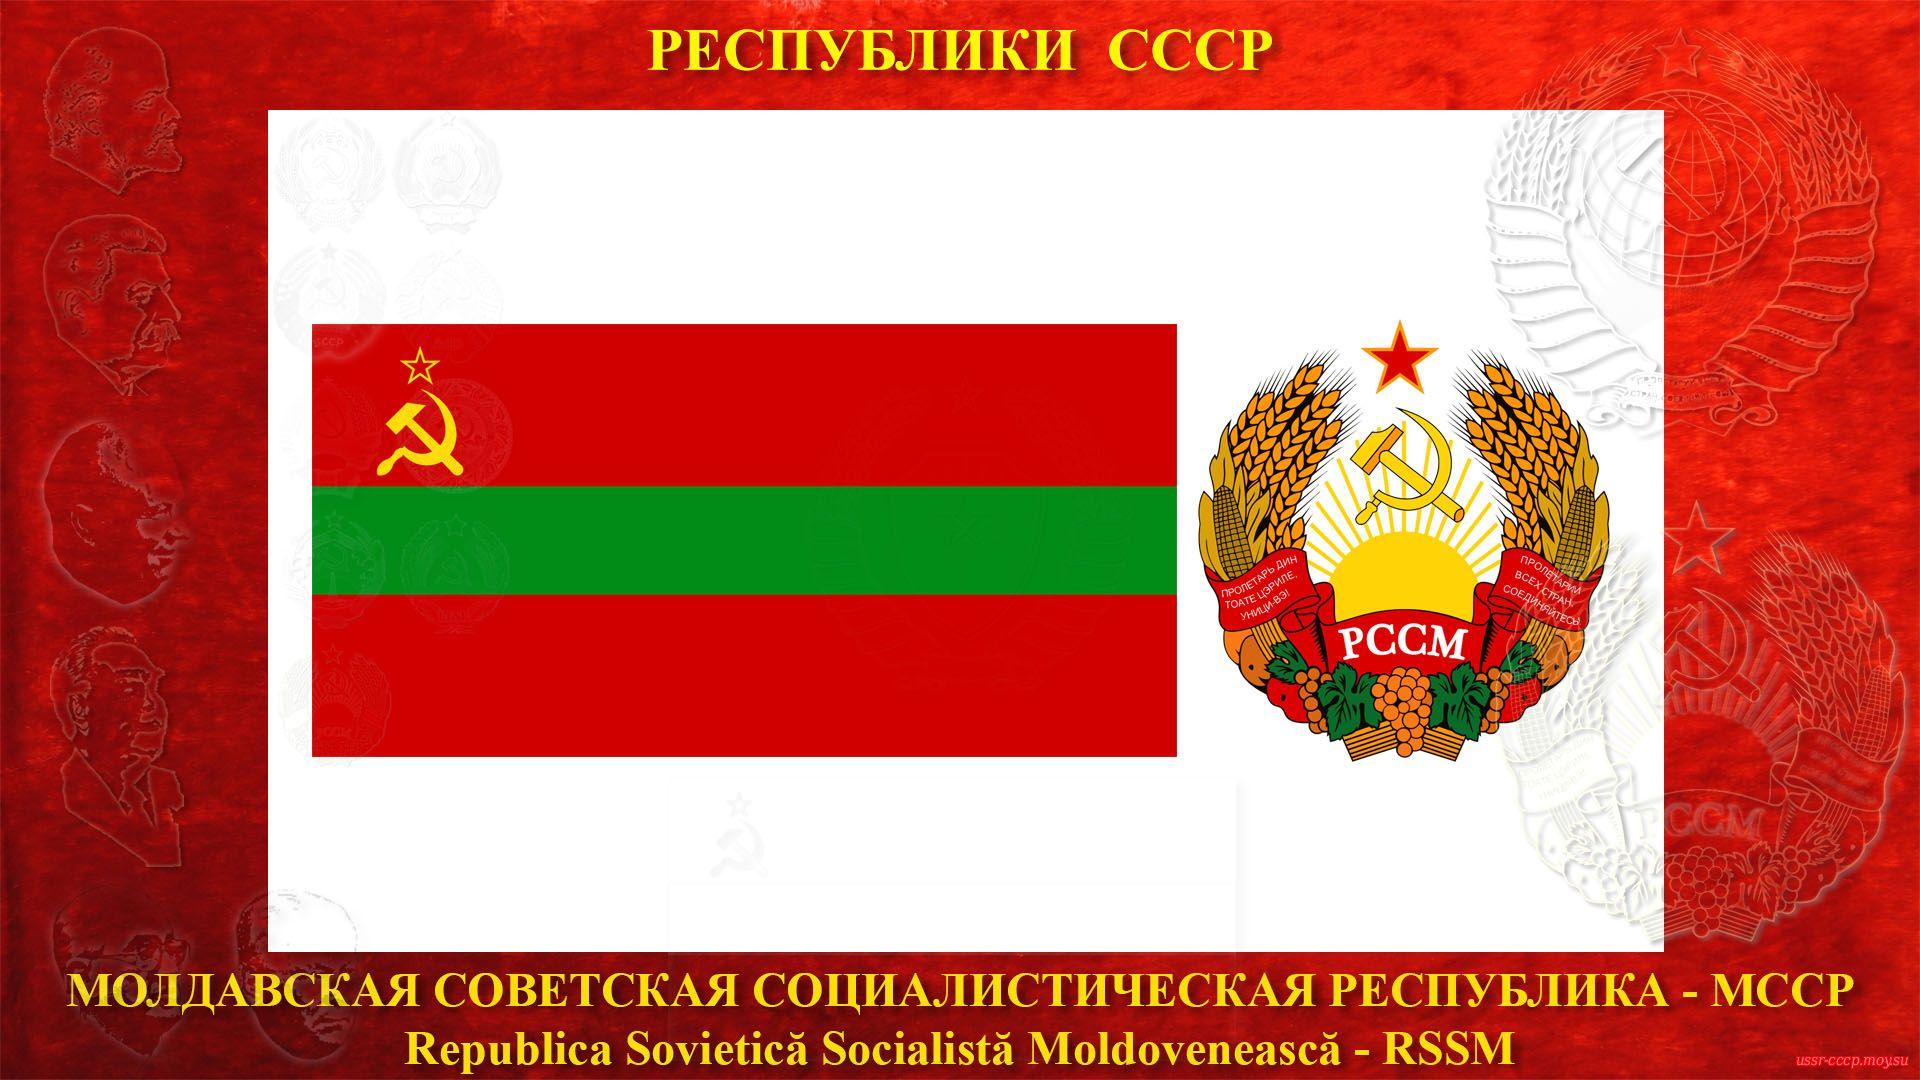 МССР — Молдавская Советская Социалистическая Республика (02.08.1940 — де-юре) повествование))